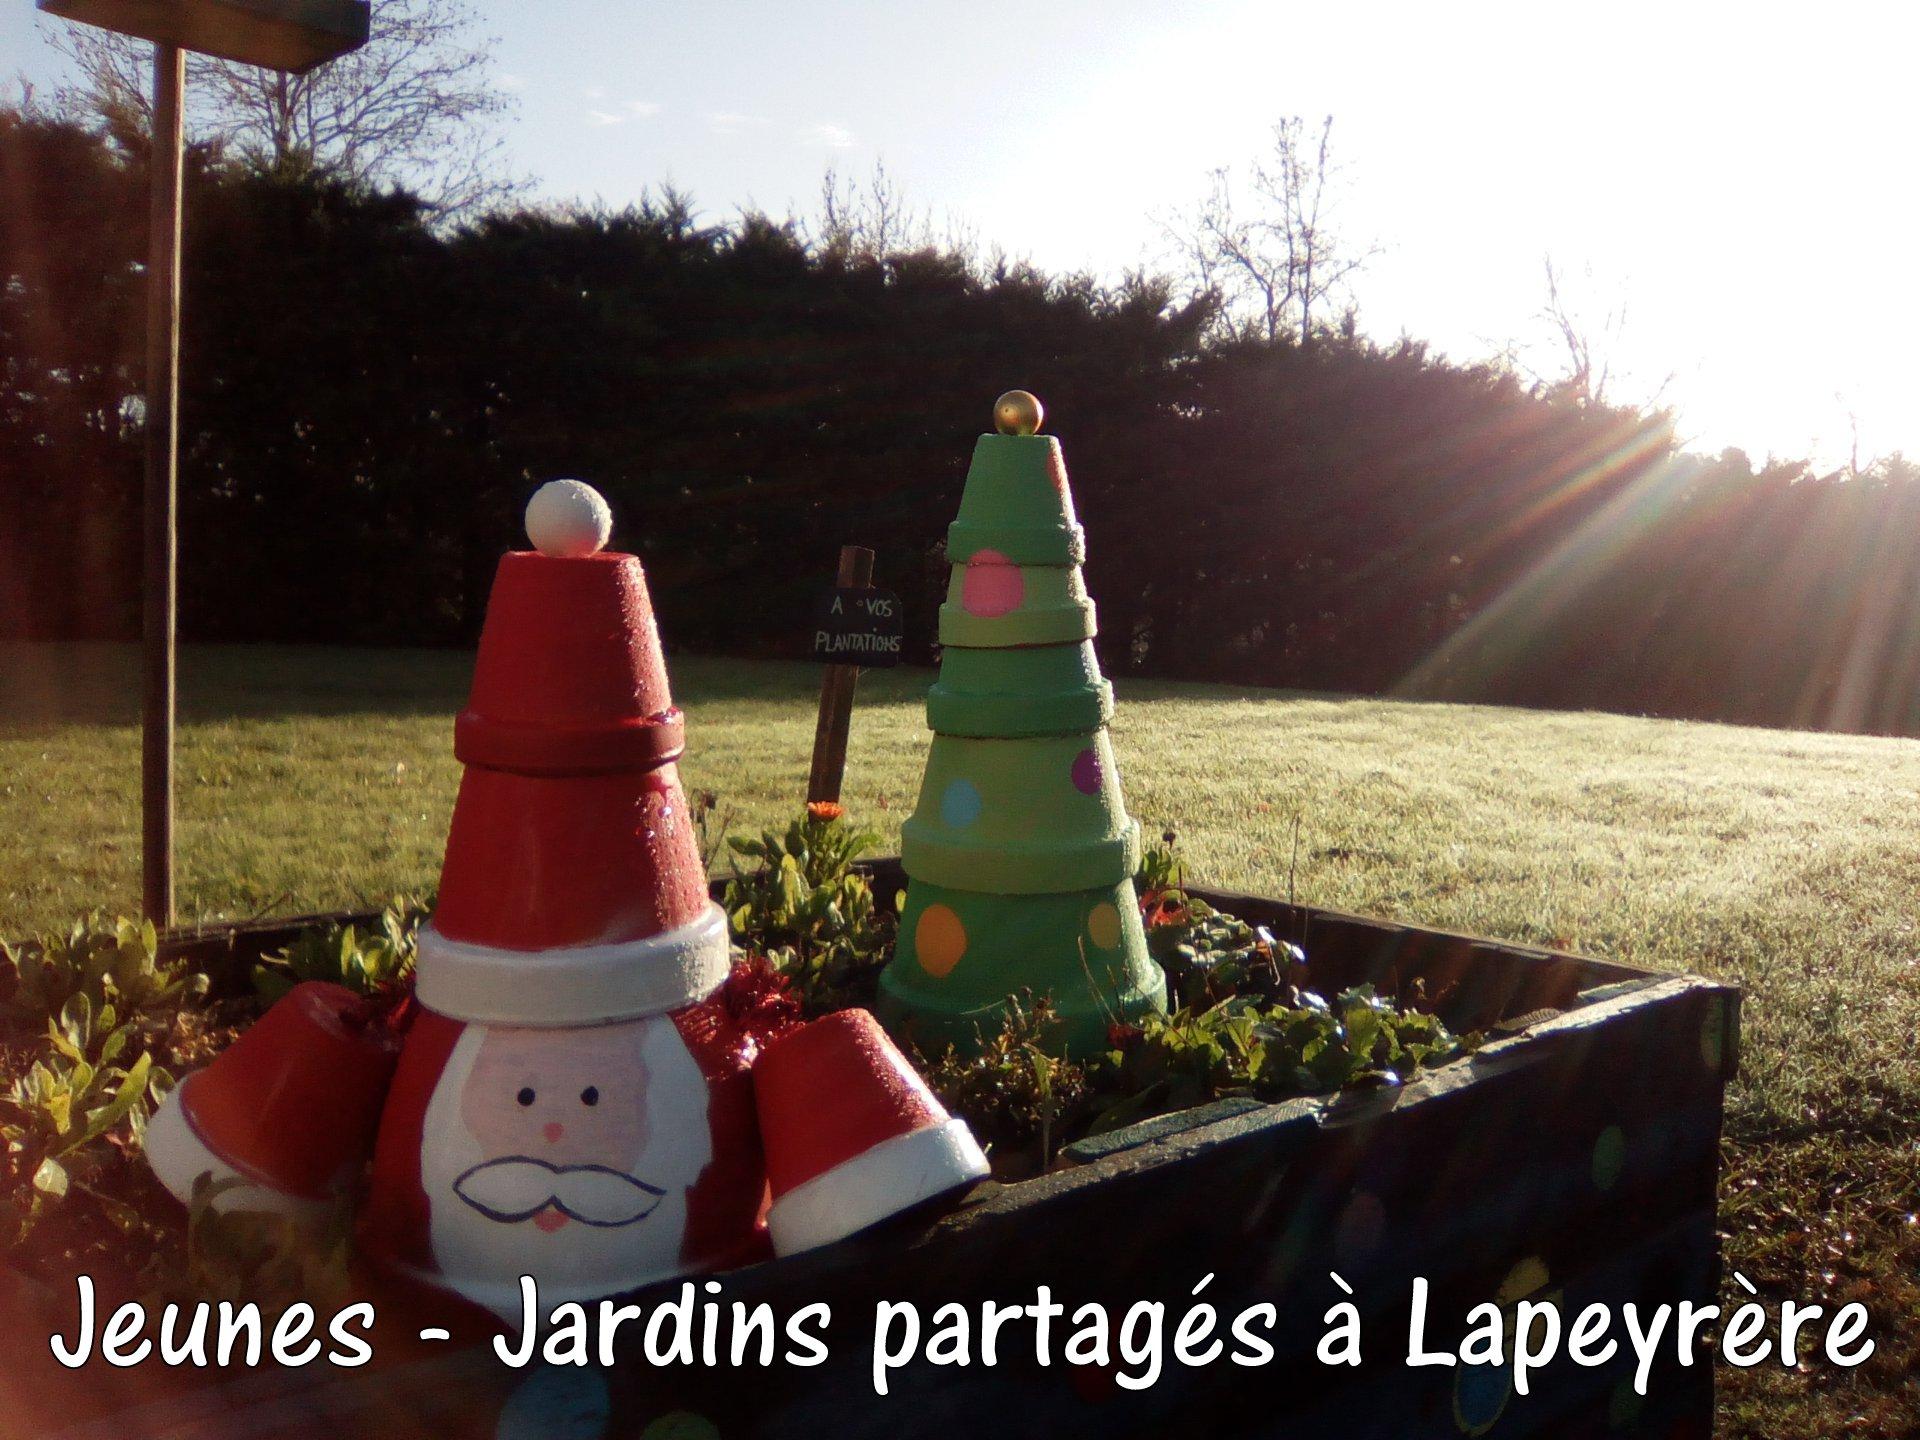 Jardins-Partages-a-Lapeyrere